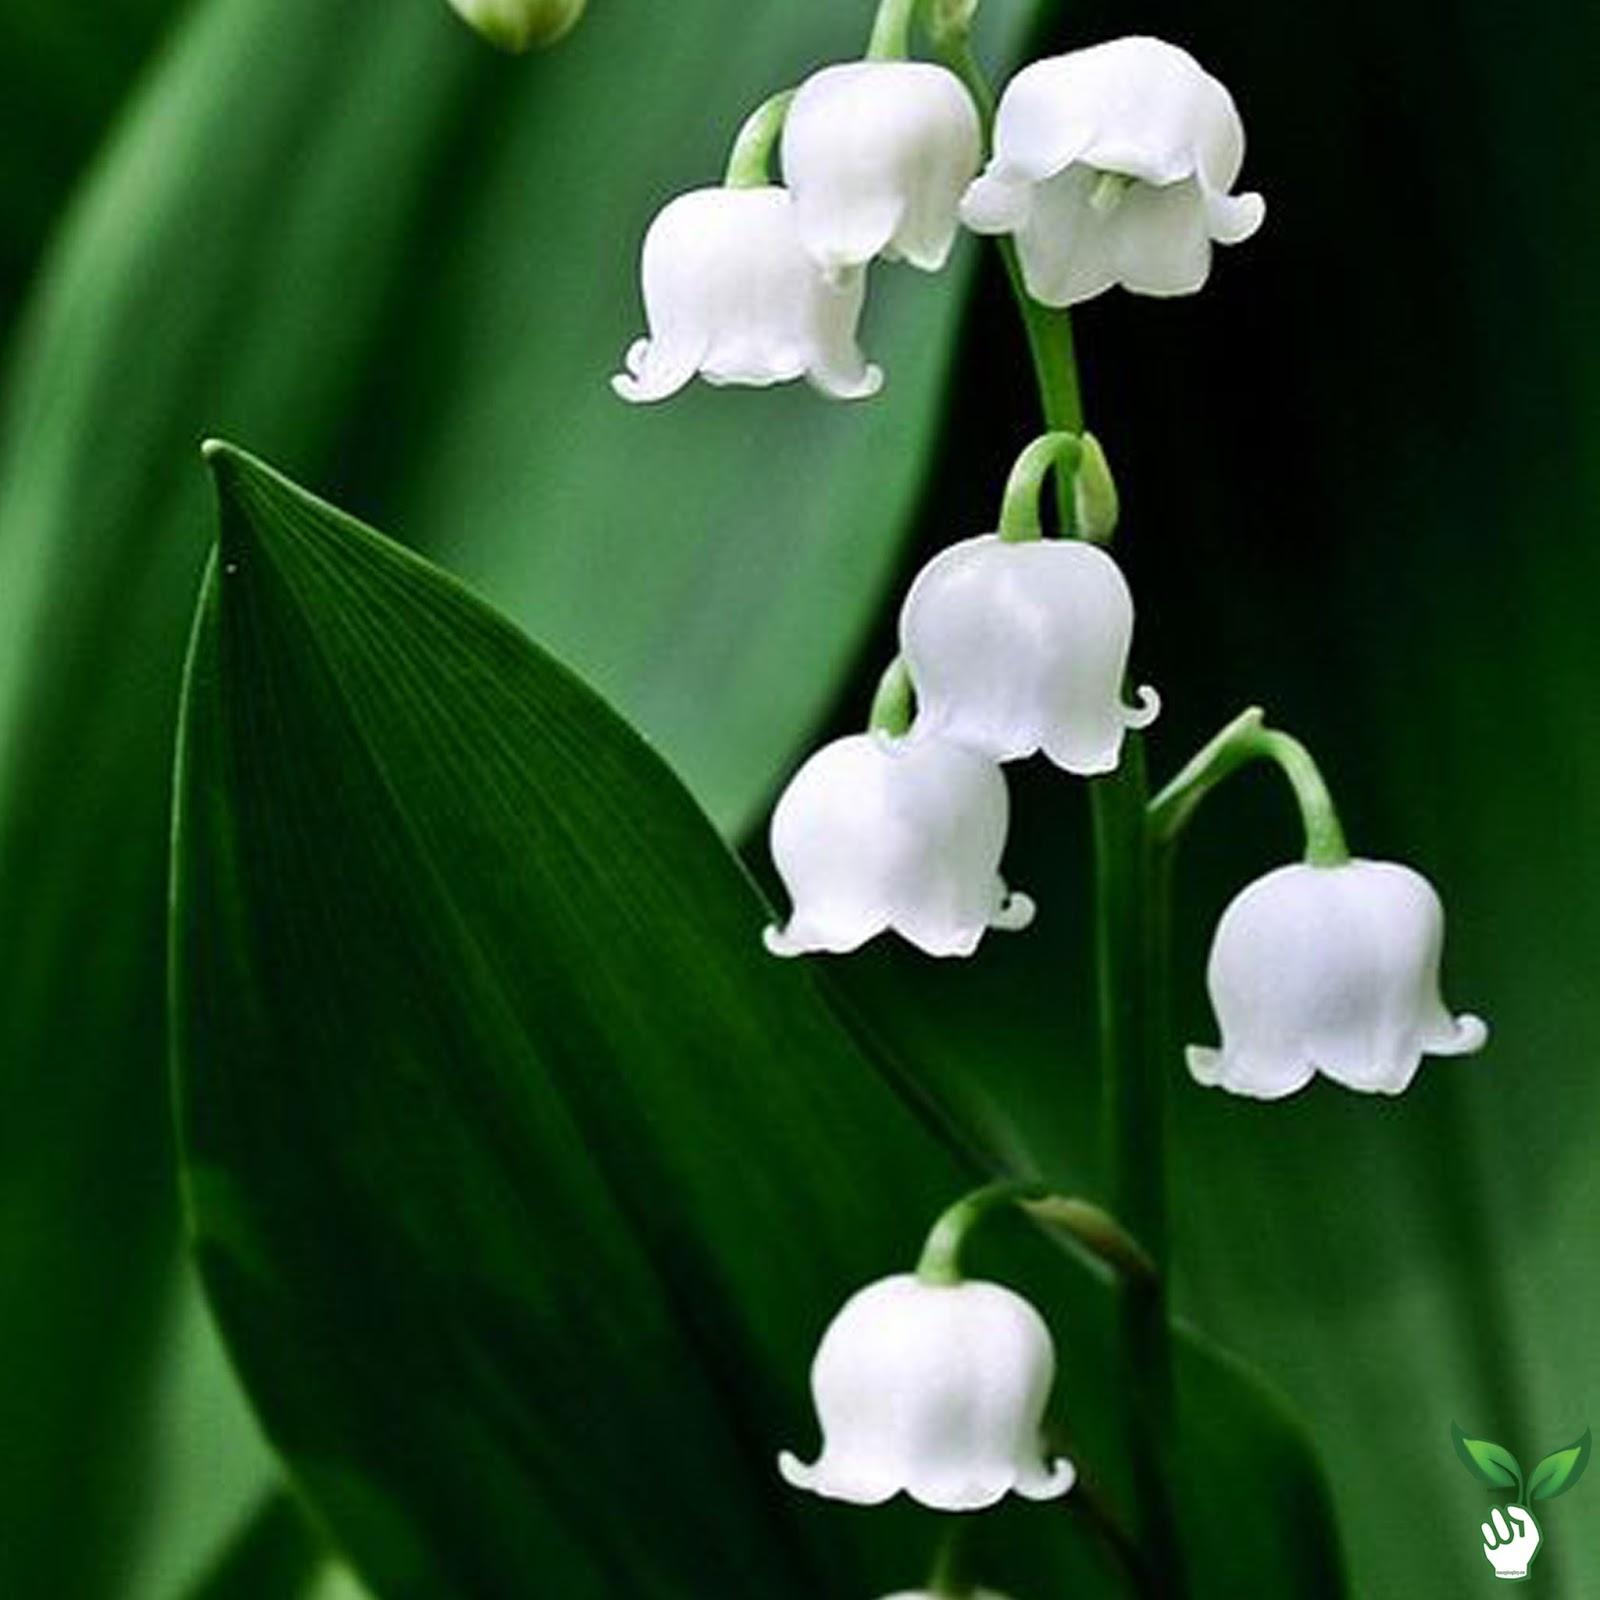 Những bông hoa lan chuông trắng tạo thành hình ảnh thật đẹp